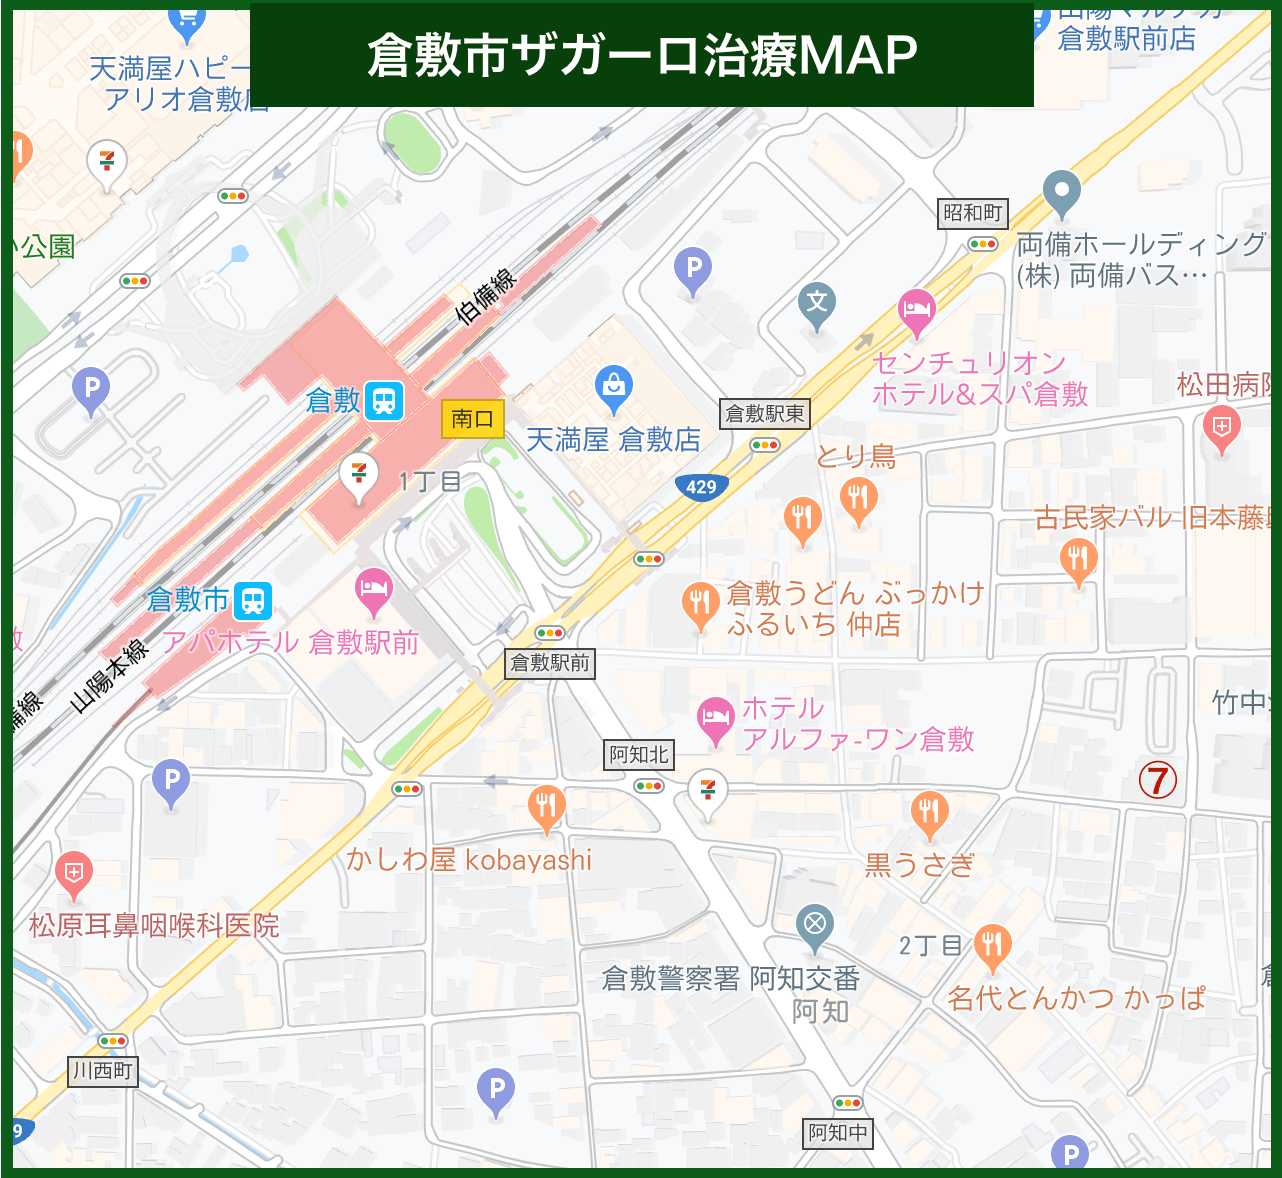 倉敷市ザガーロ治療MAP